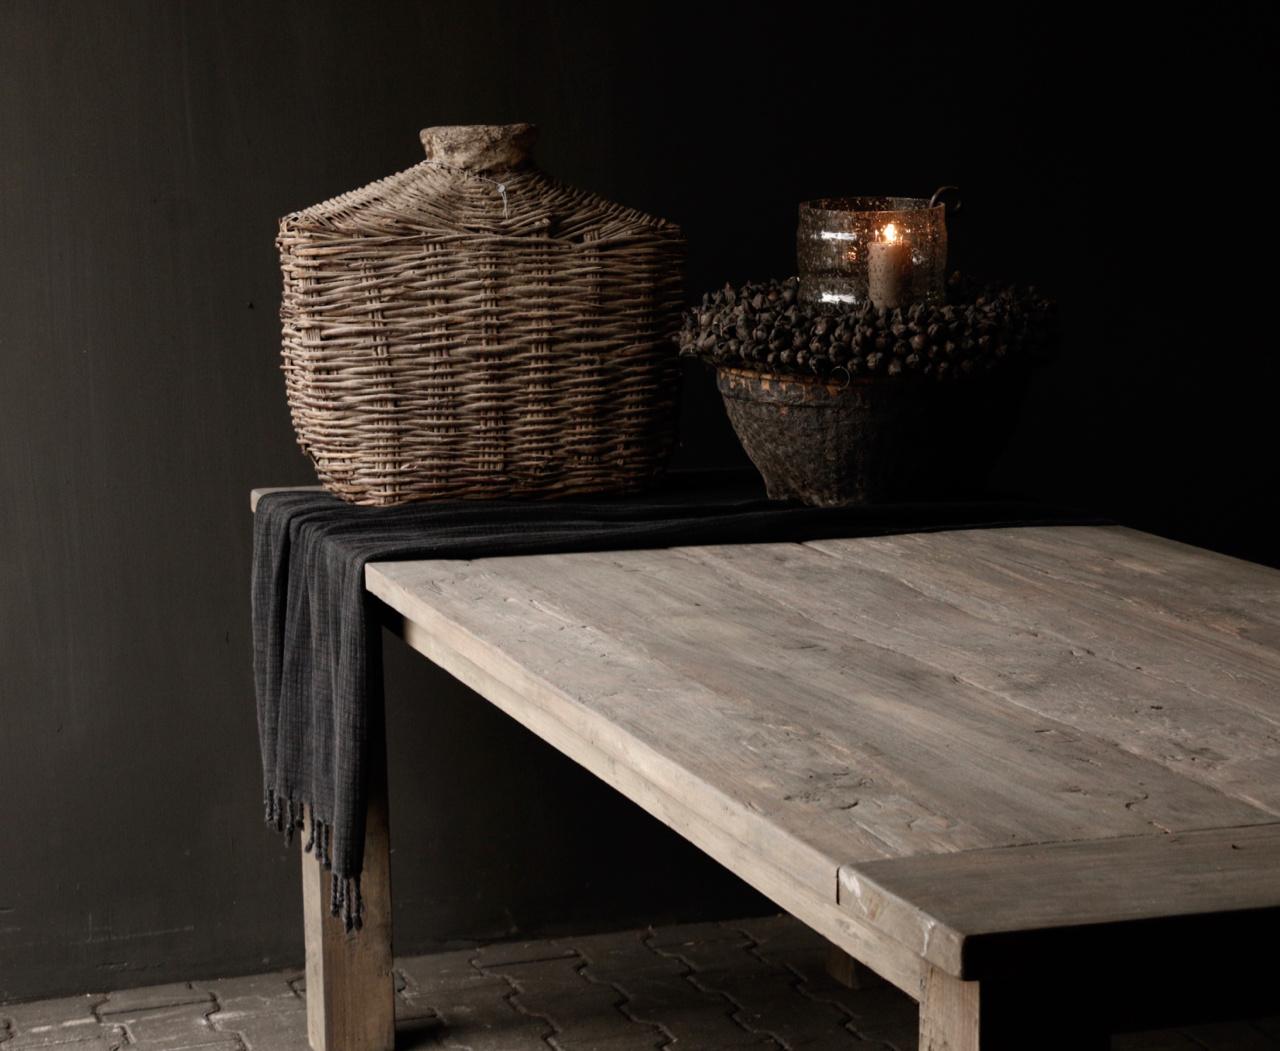 Mooie stoere vergrijsde eetkamer tafel oud hout-4